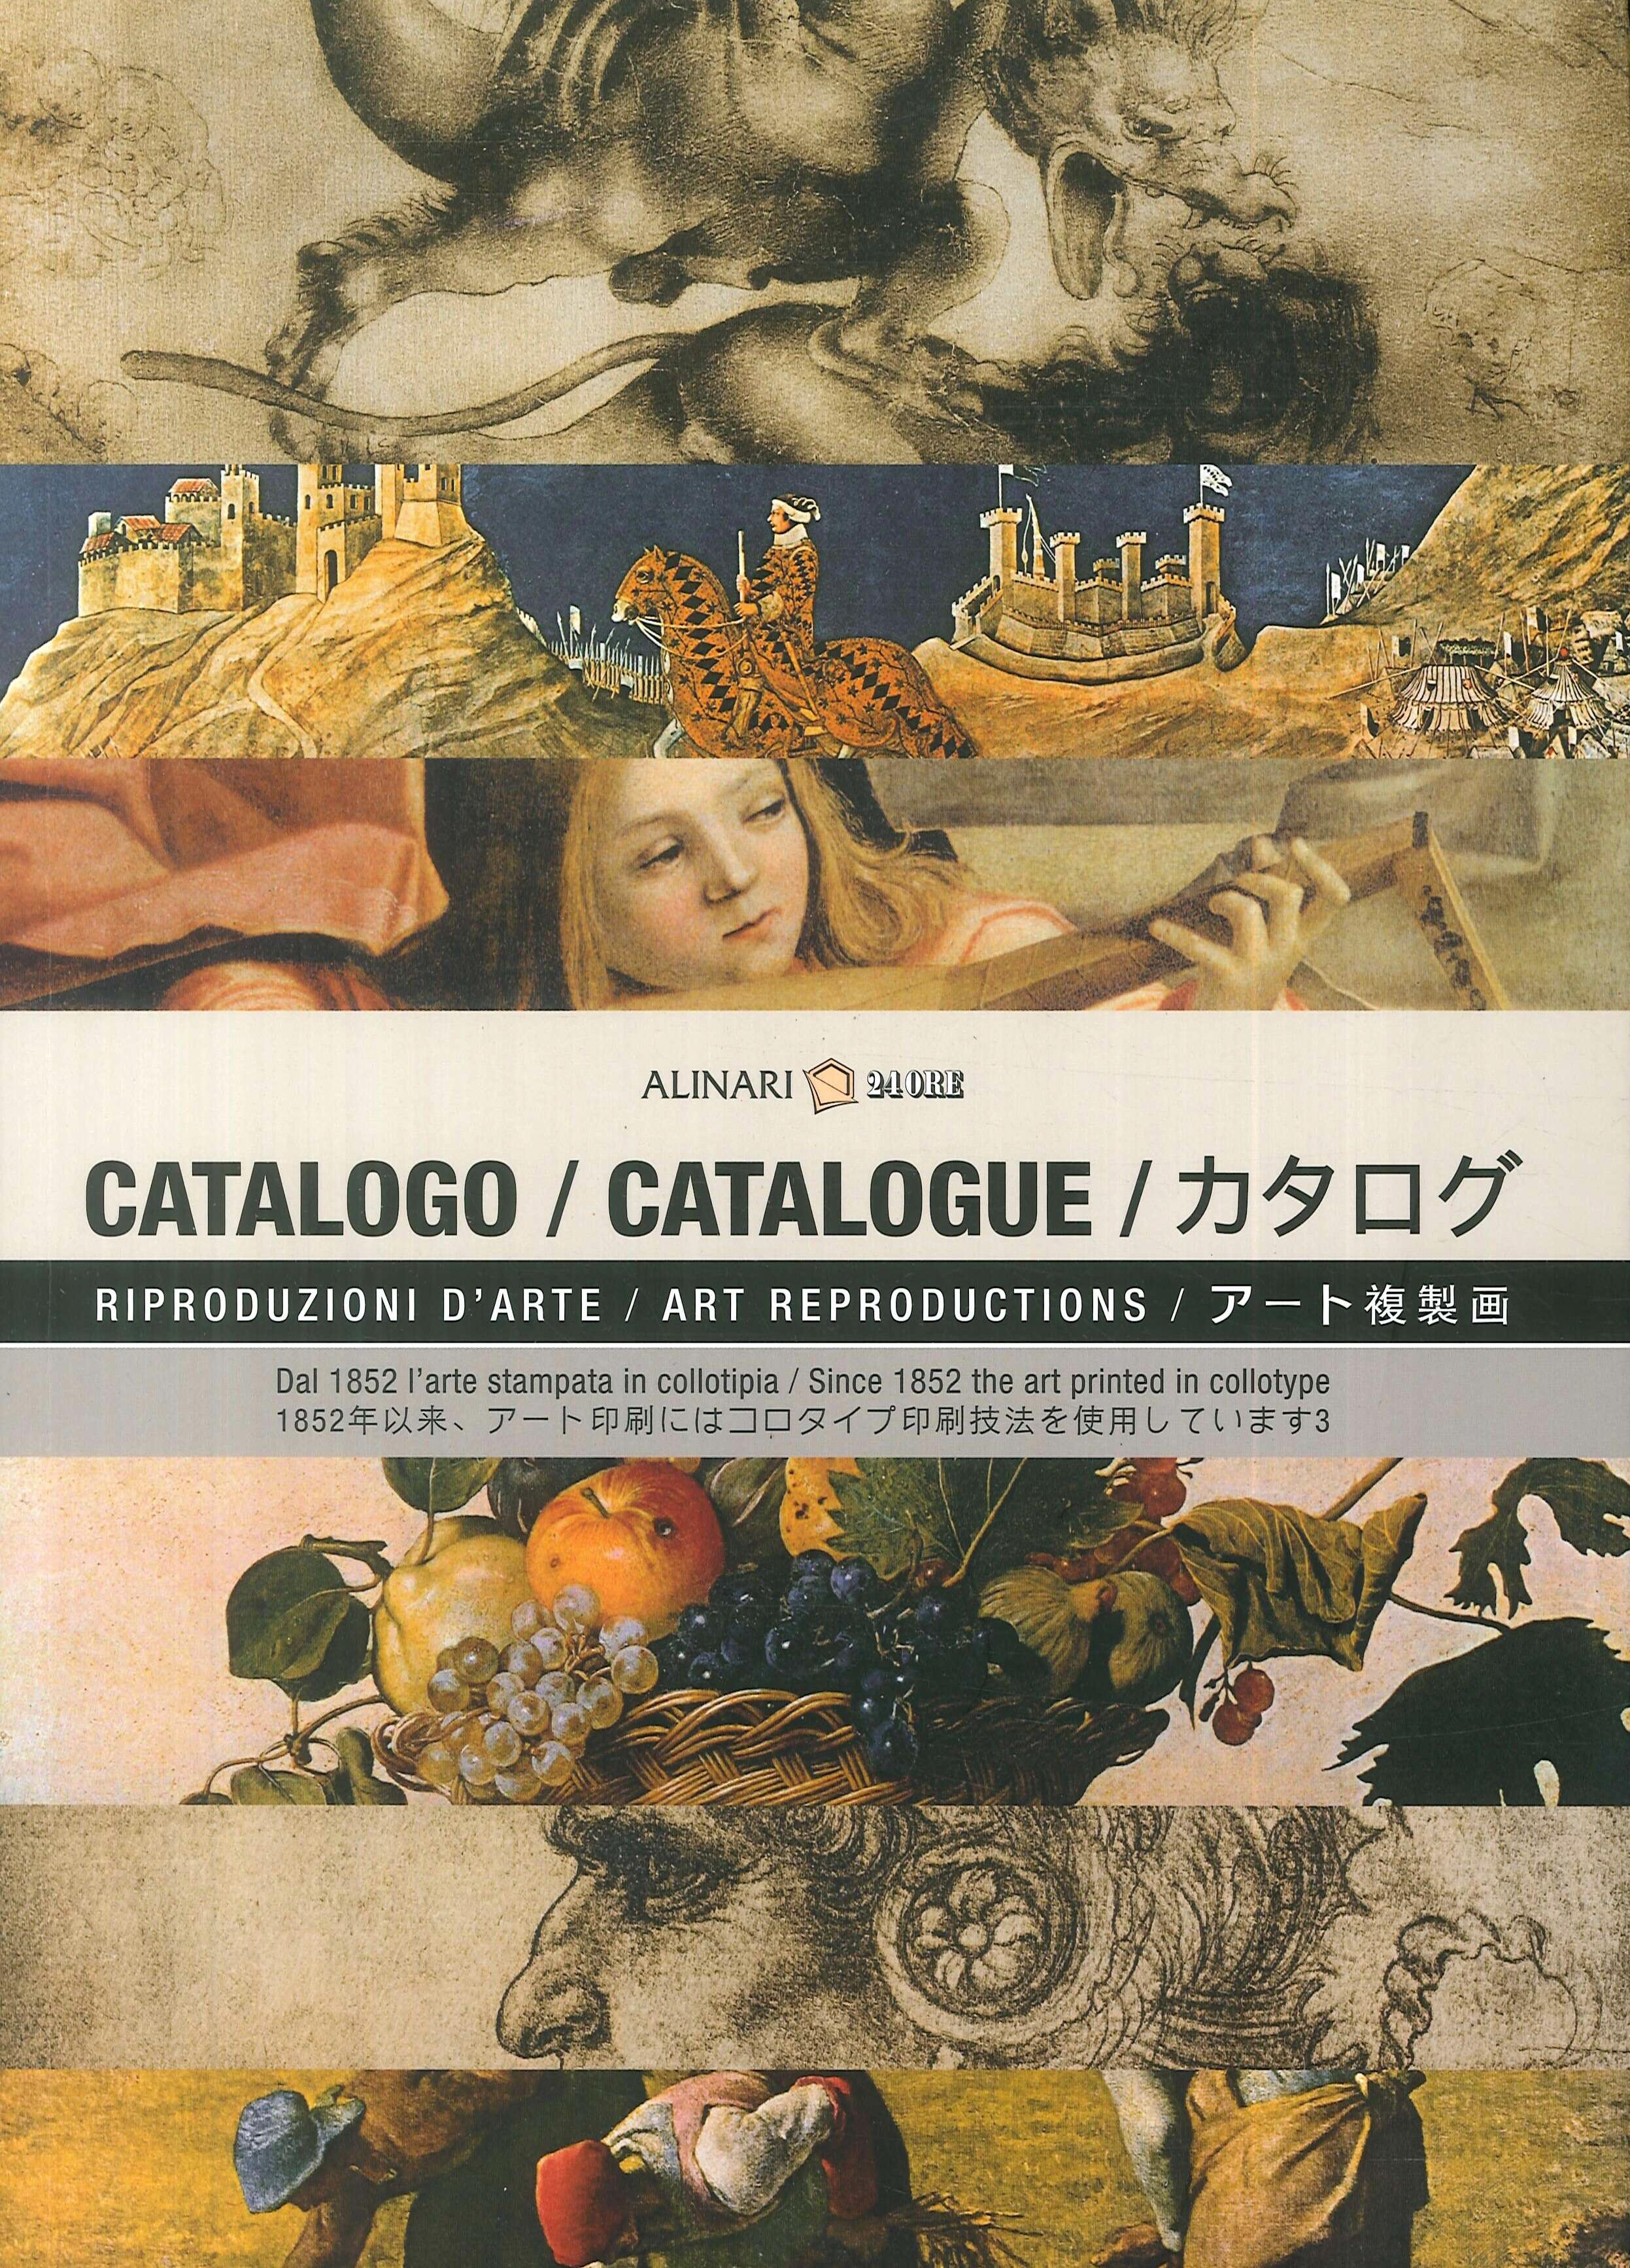 La collezione di riproduzioni d'arte Alinari. Ediz. italiana, inglese e giapponese